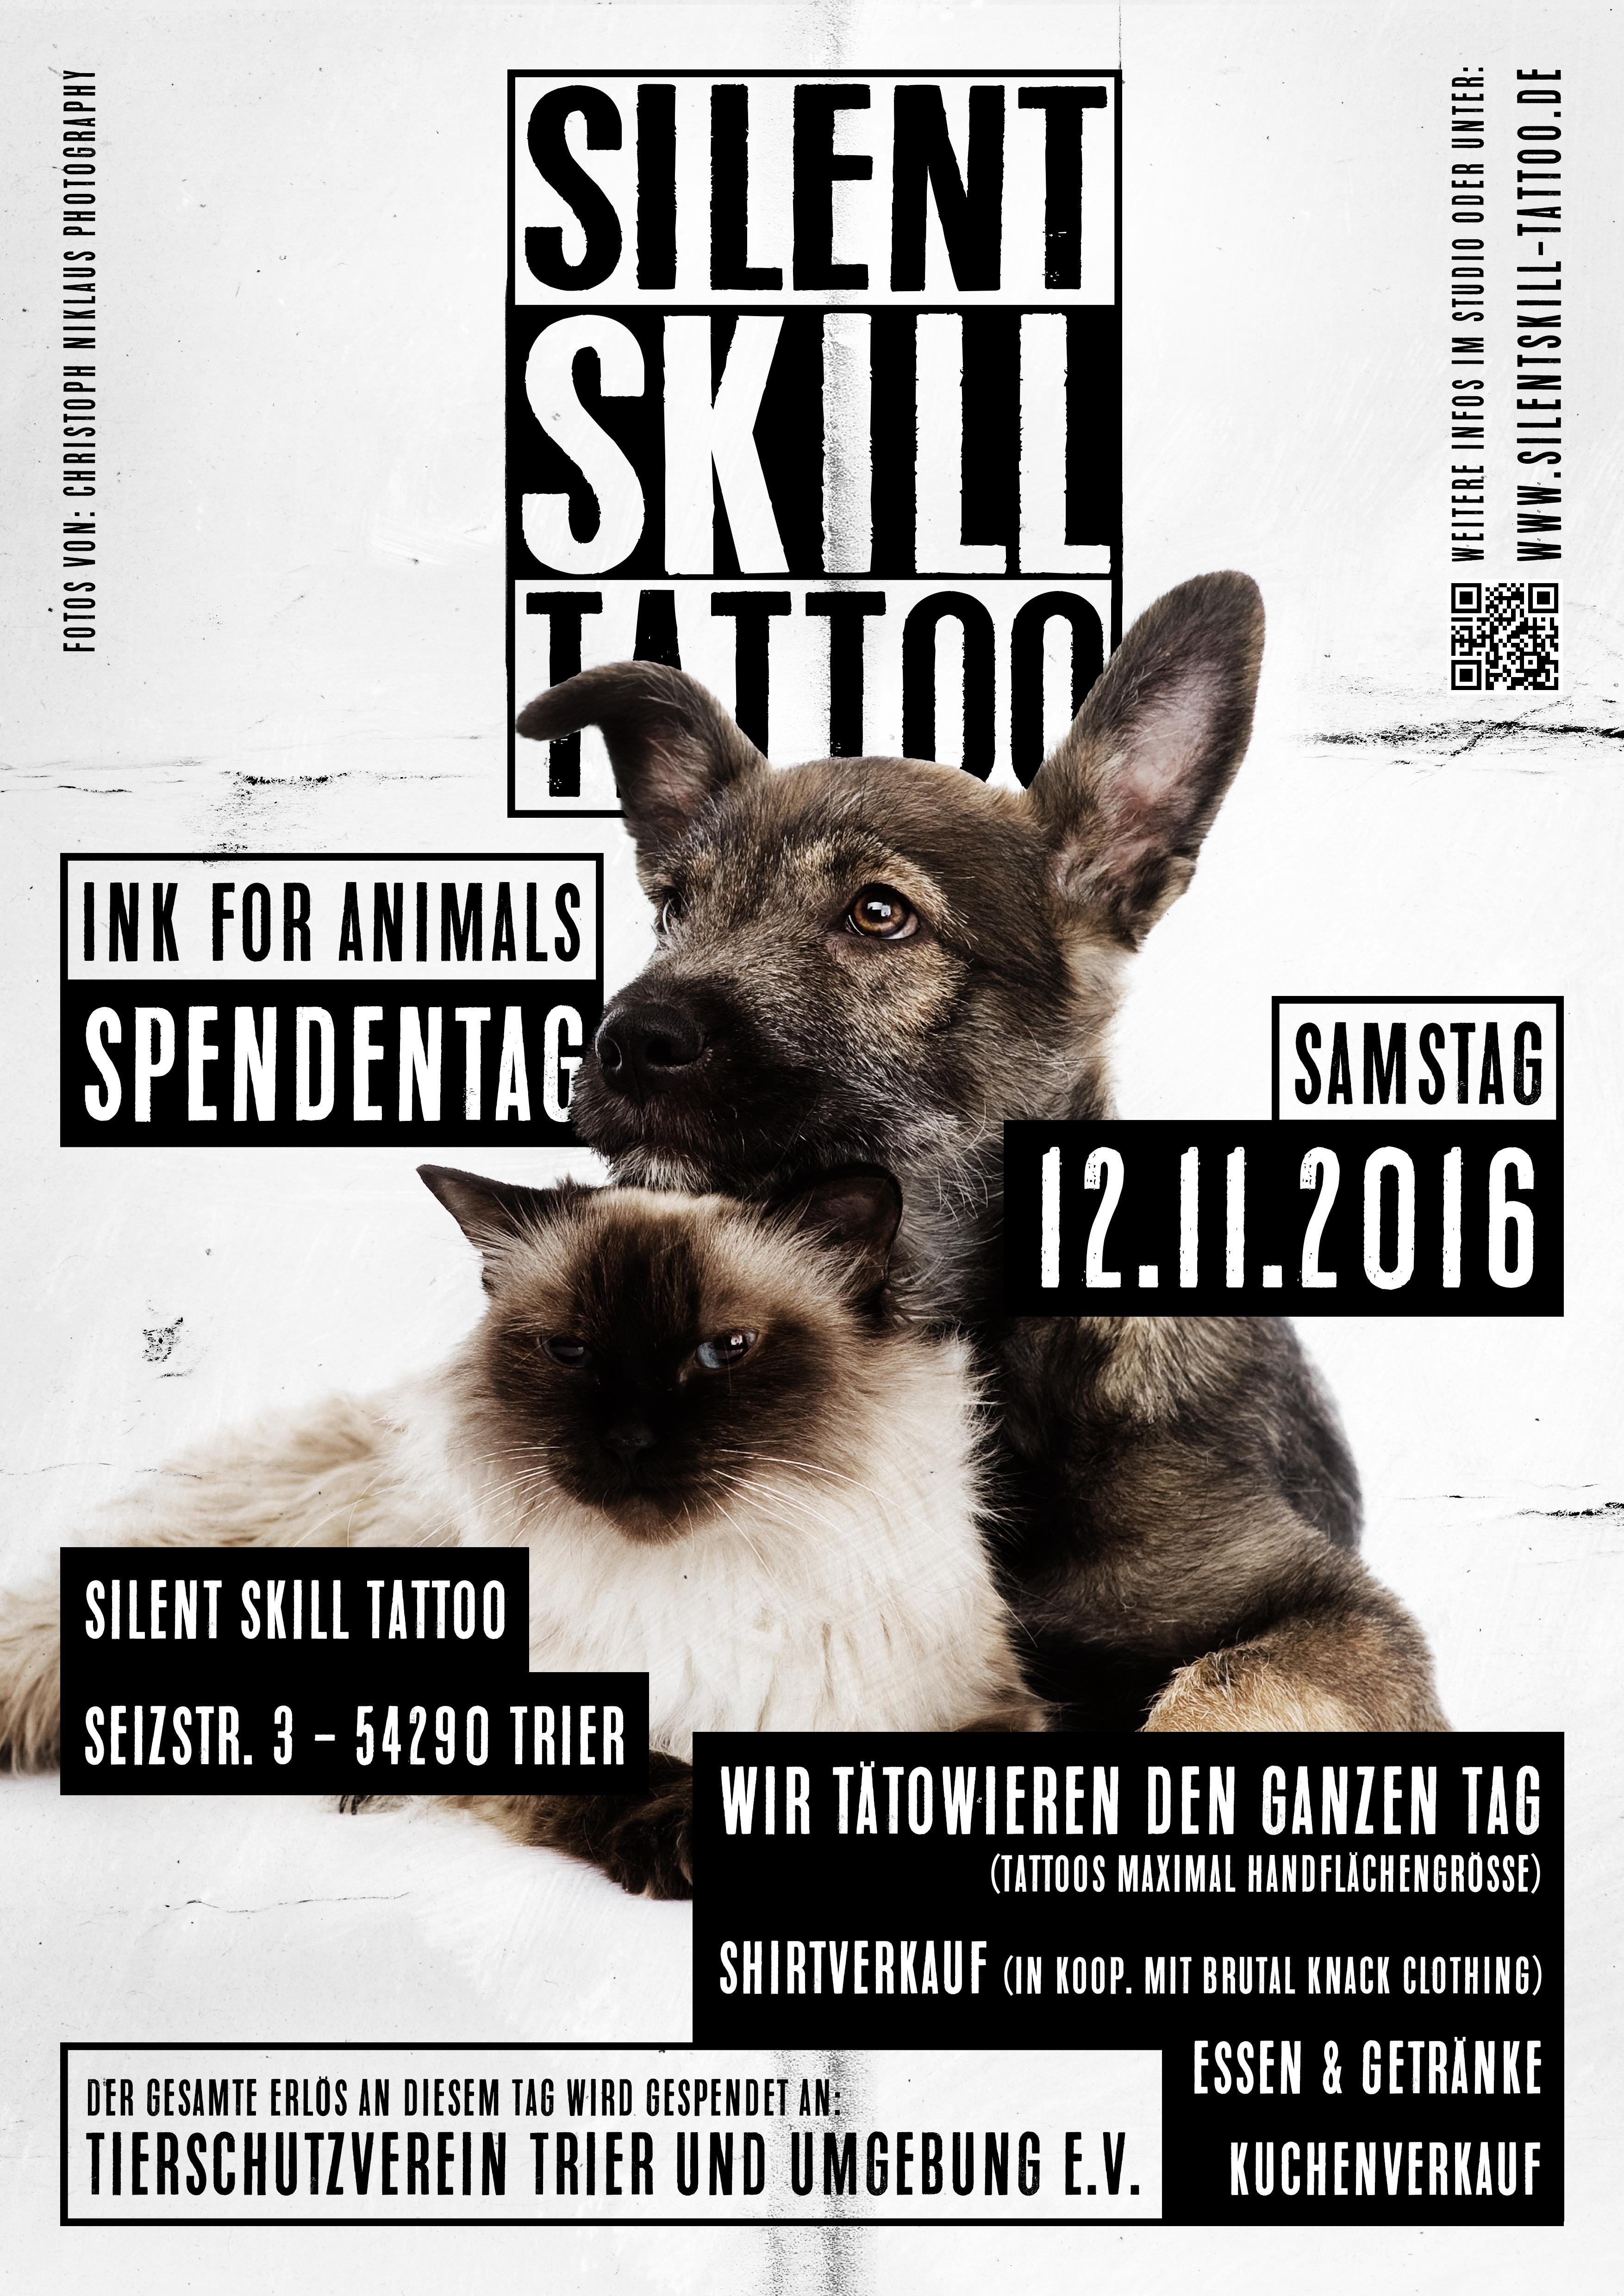 poster_silent_skill_tattoo_v1-2